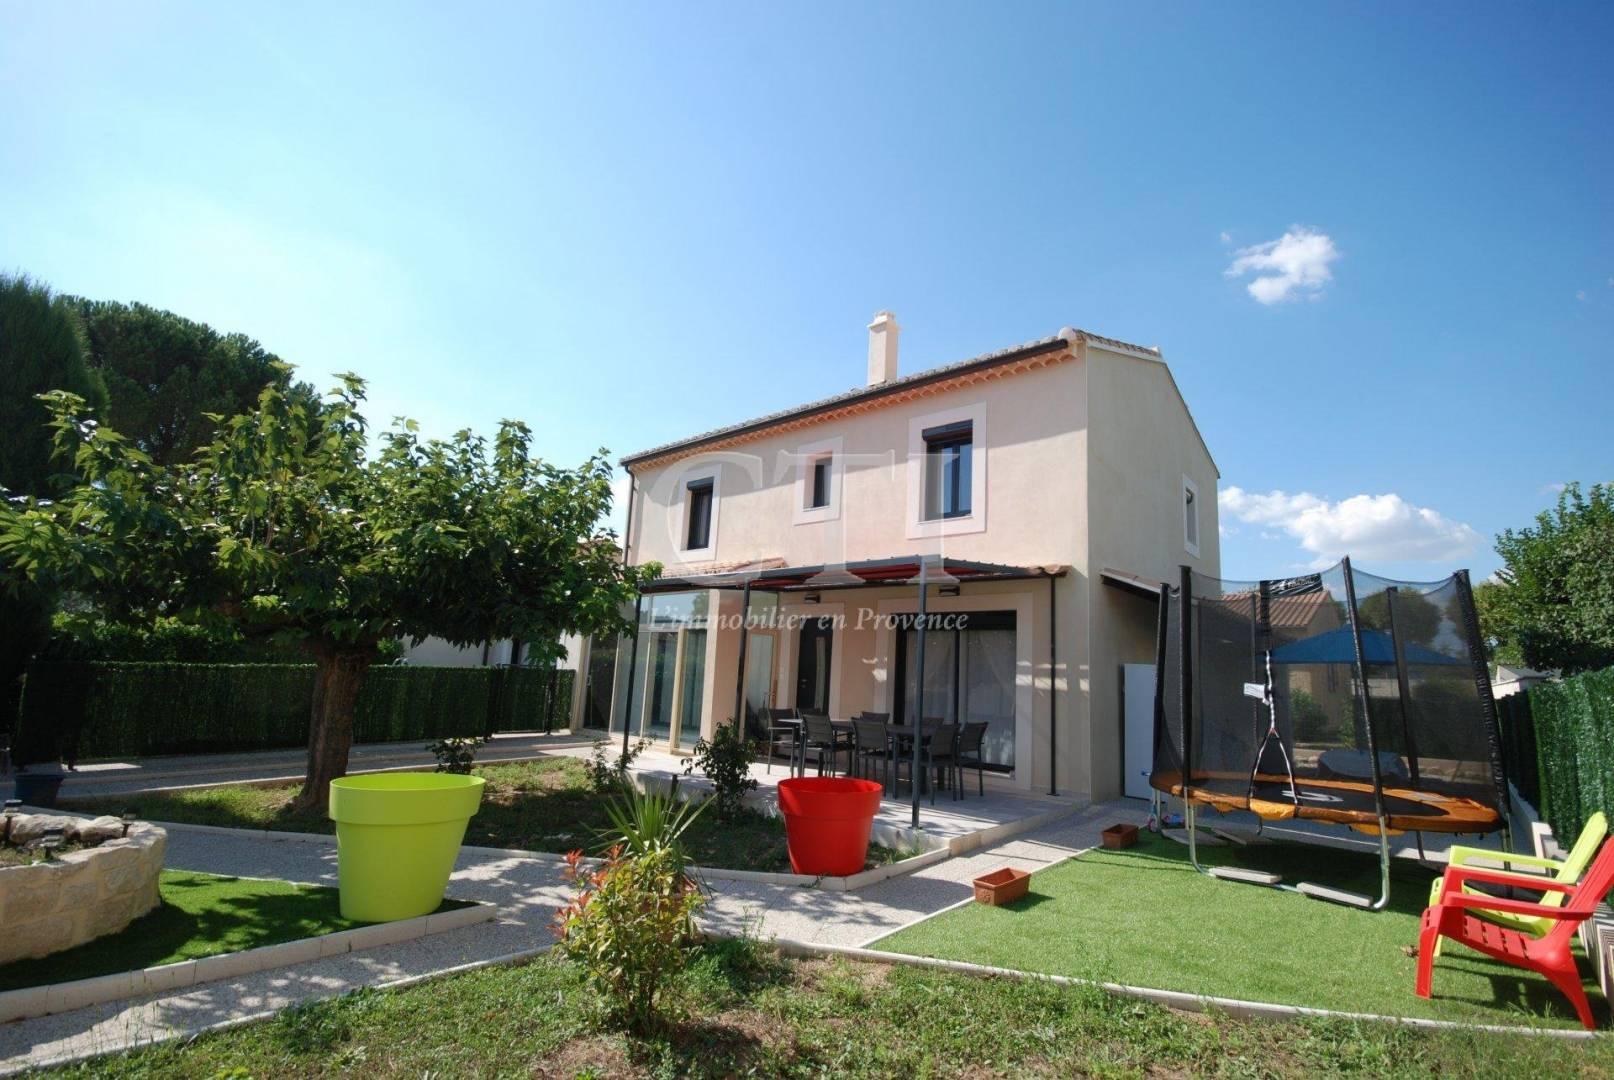 1 14 Vaison-la-Romaine